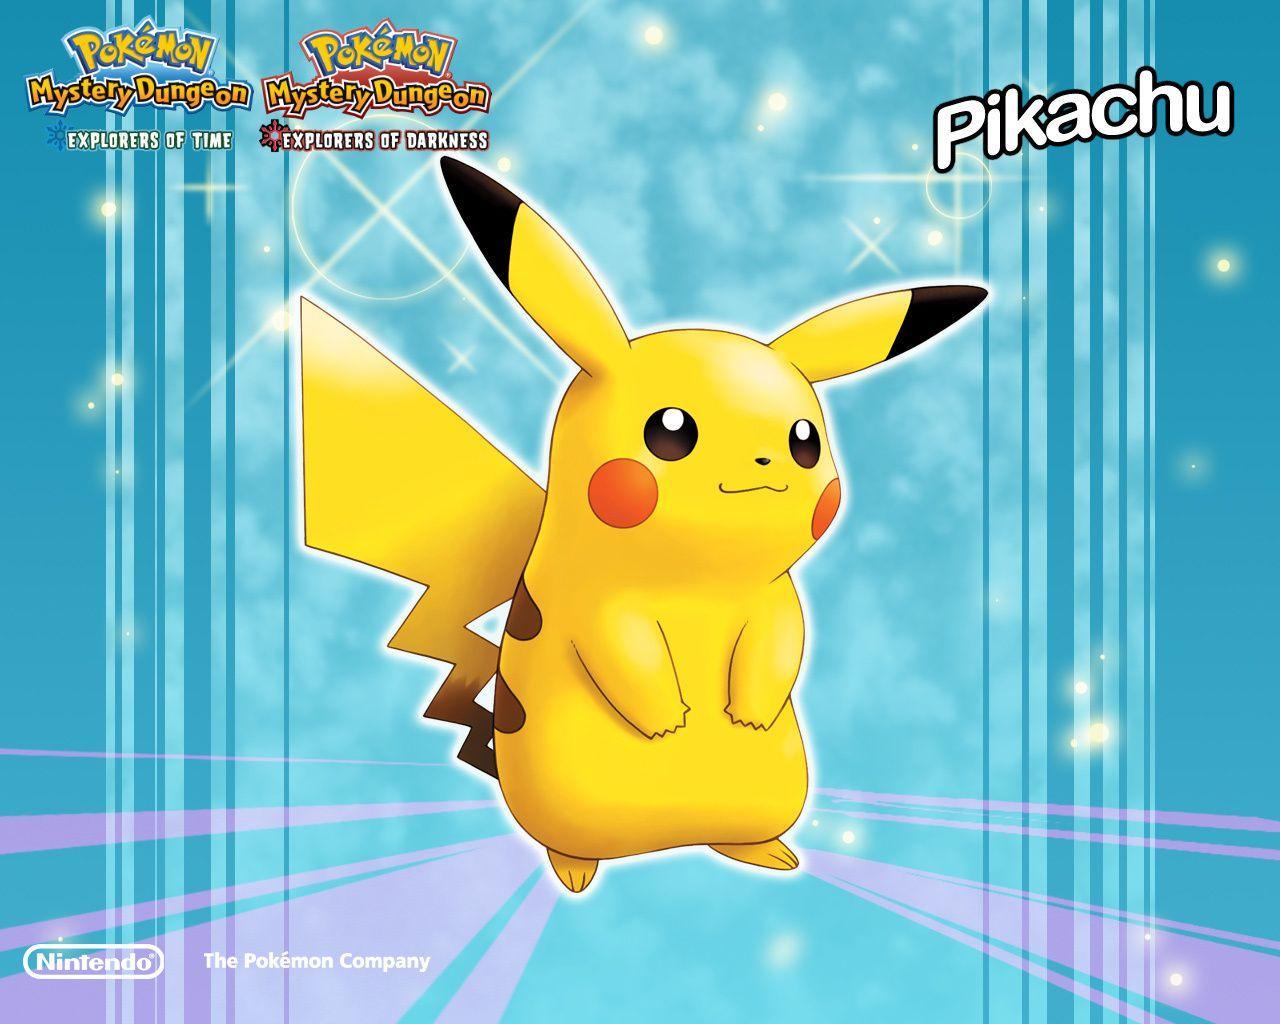 1280x1024 Raichu!  hình ảnh pikachu hình nền HD hình nền and background các bức ảnh